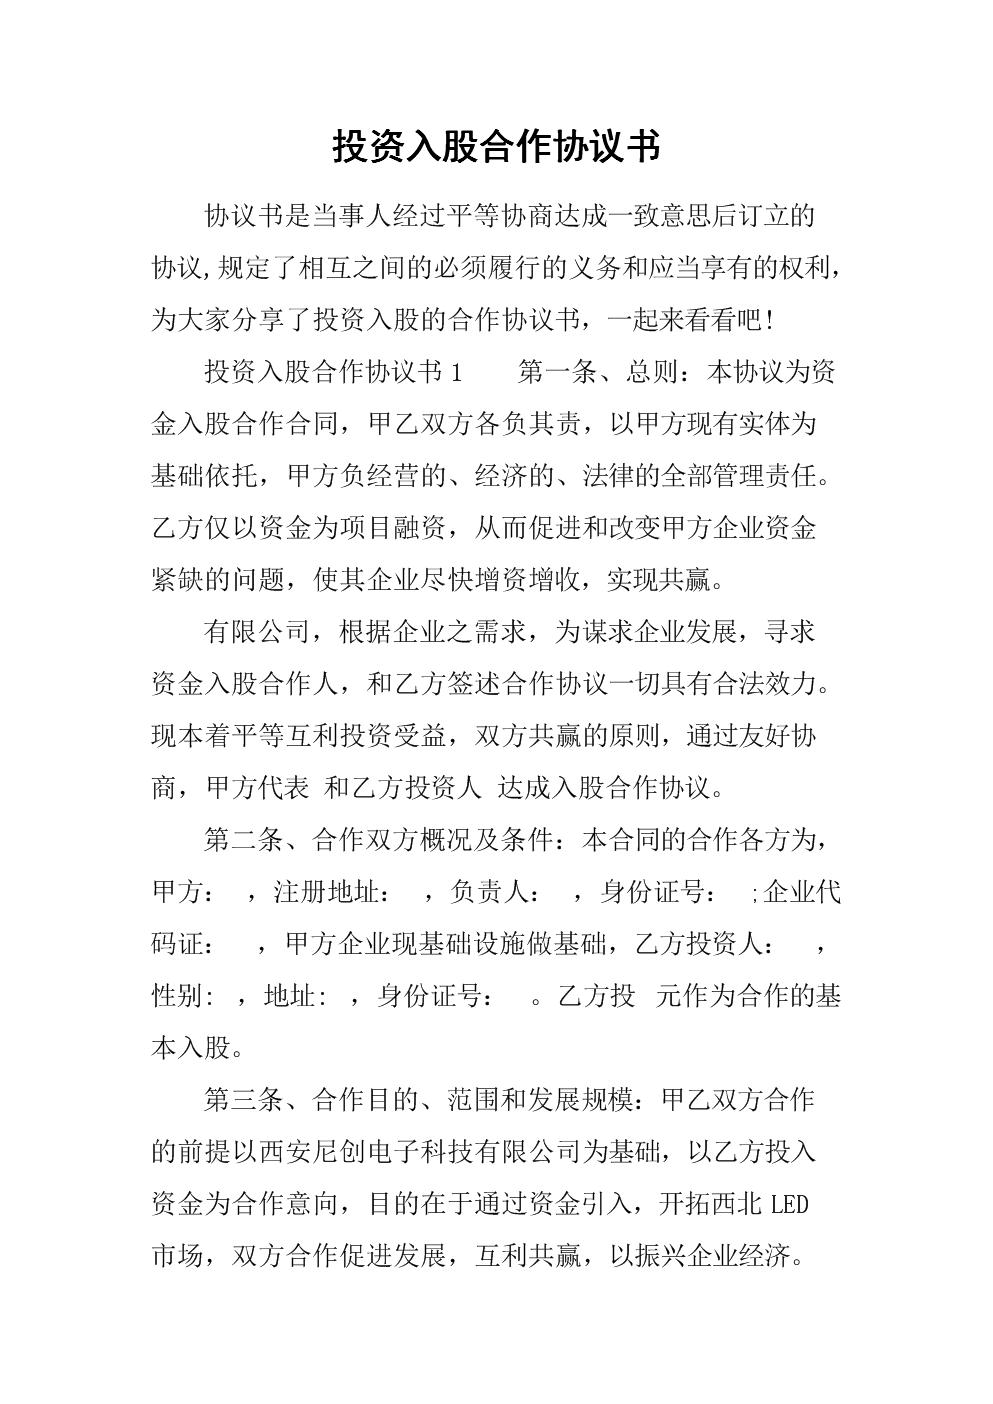 【实用资料】投资入股合作协议书.doc